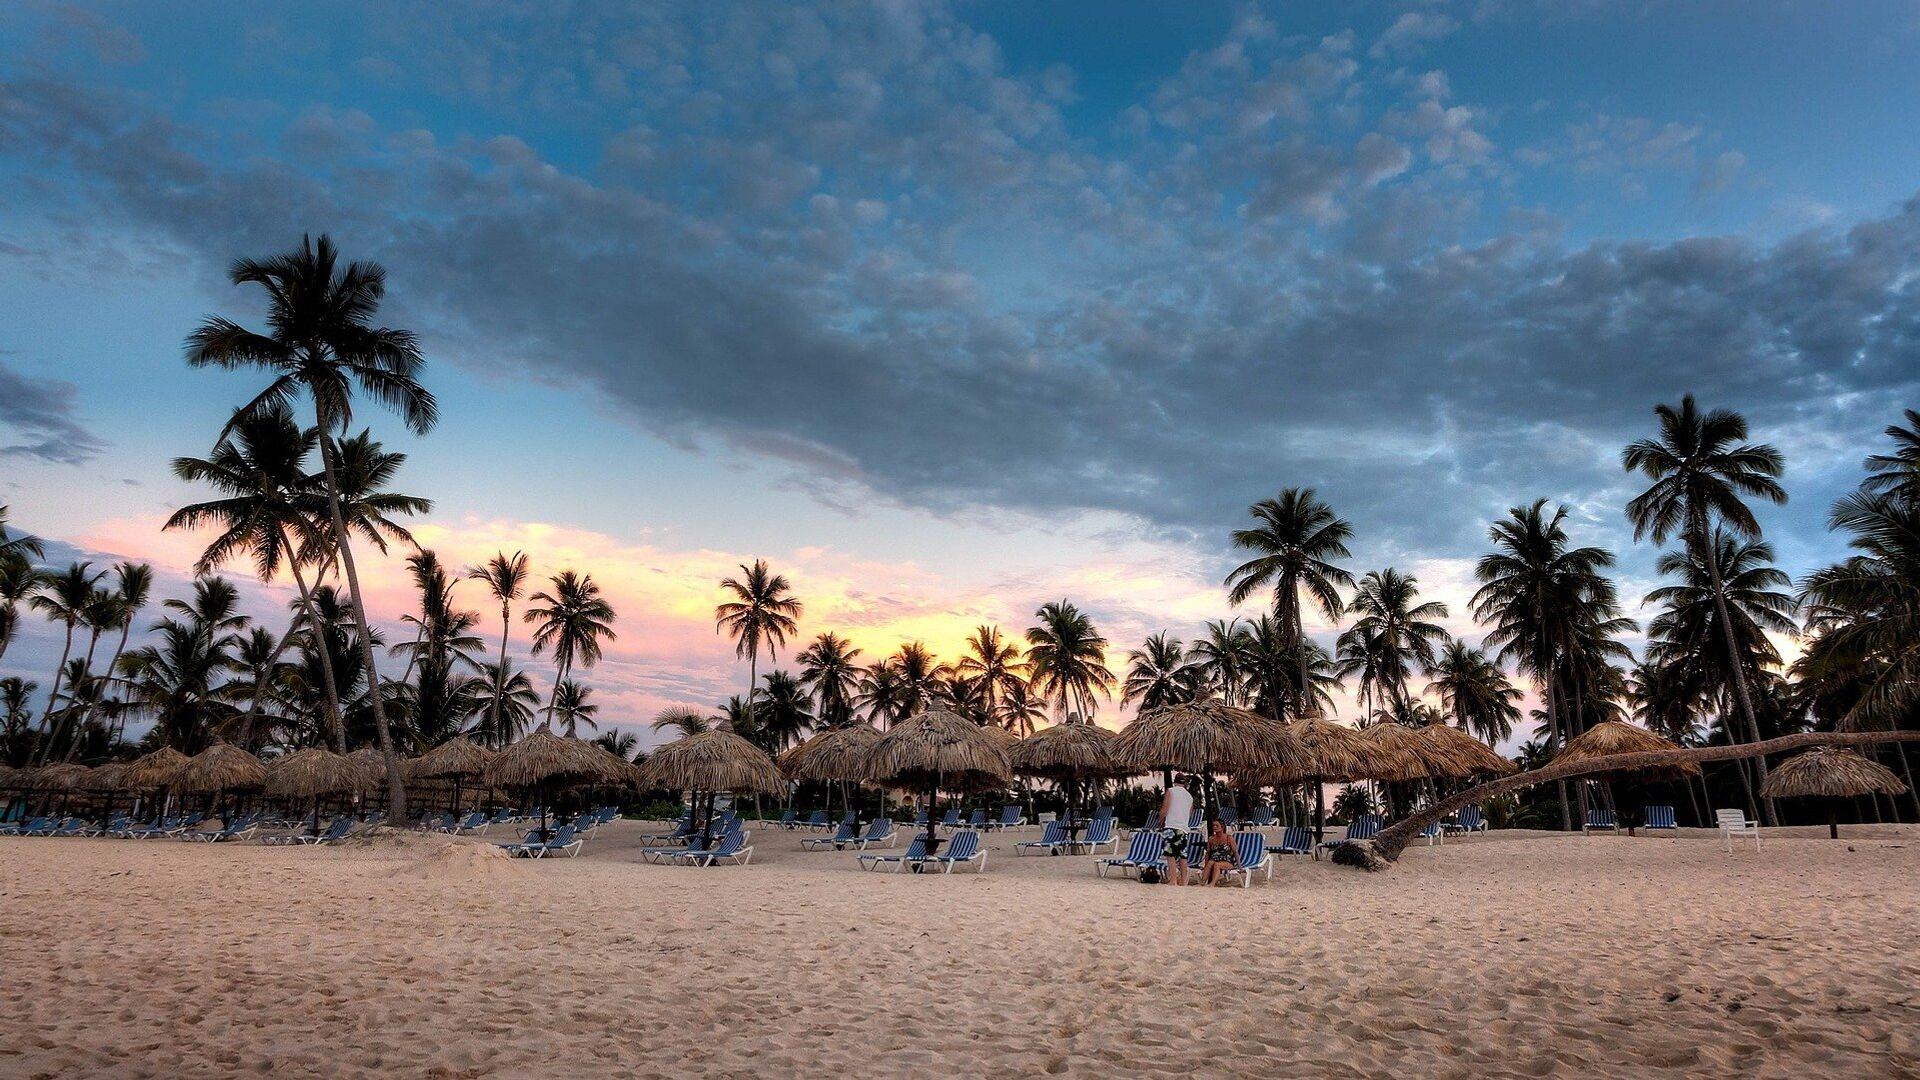 Una playa en República Dominicana  - Sputnik Mundo, 1920, 25.08.2021